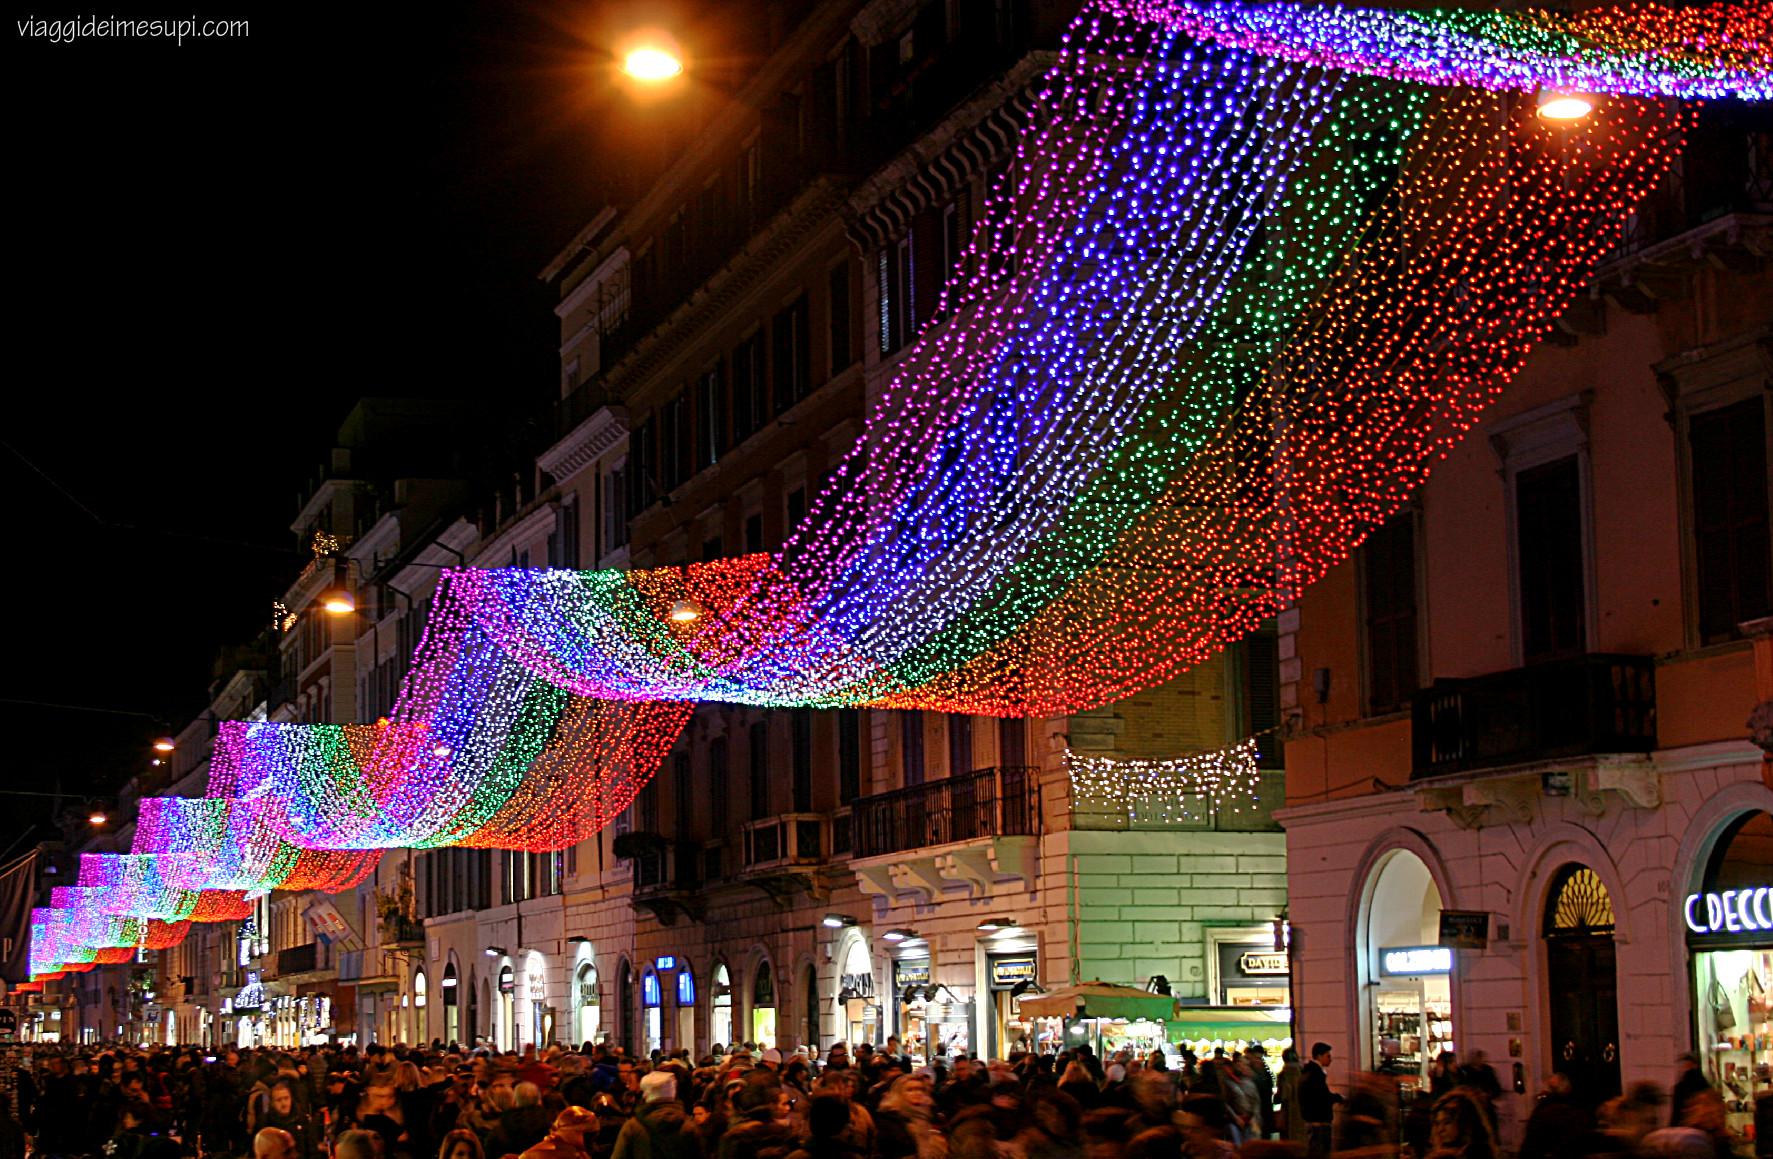 Natale a Roma Via del Corso